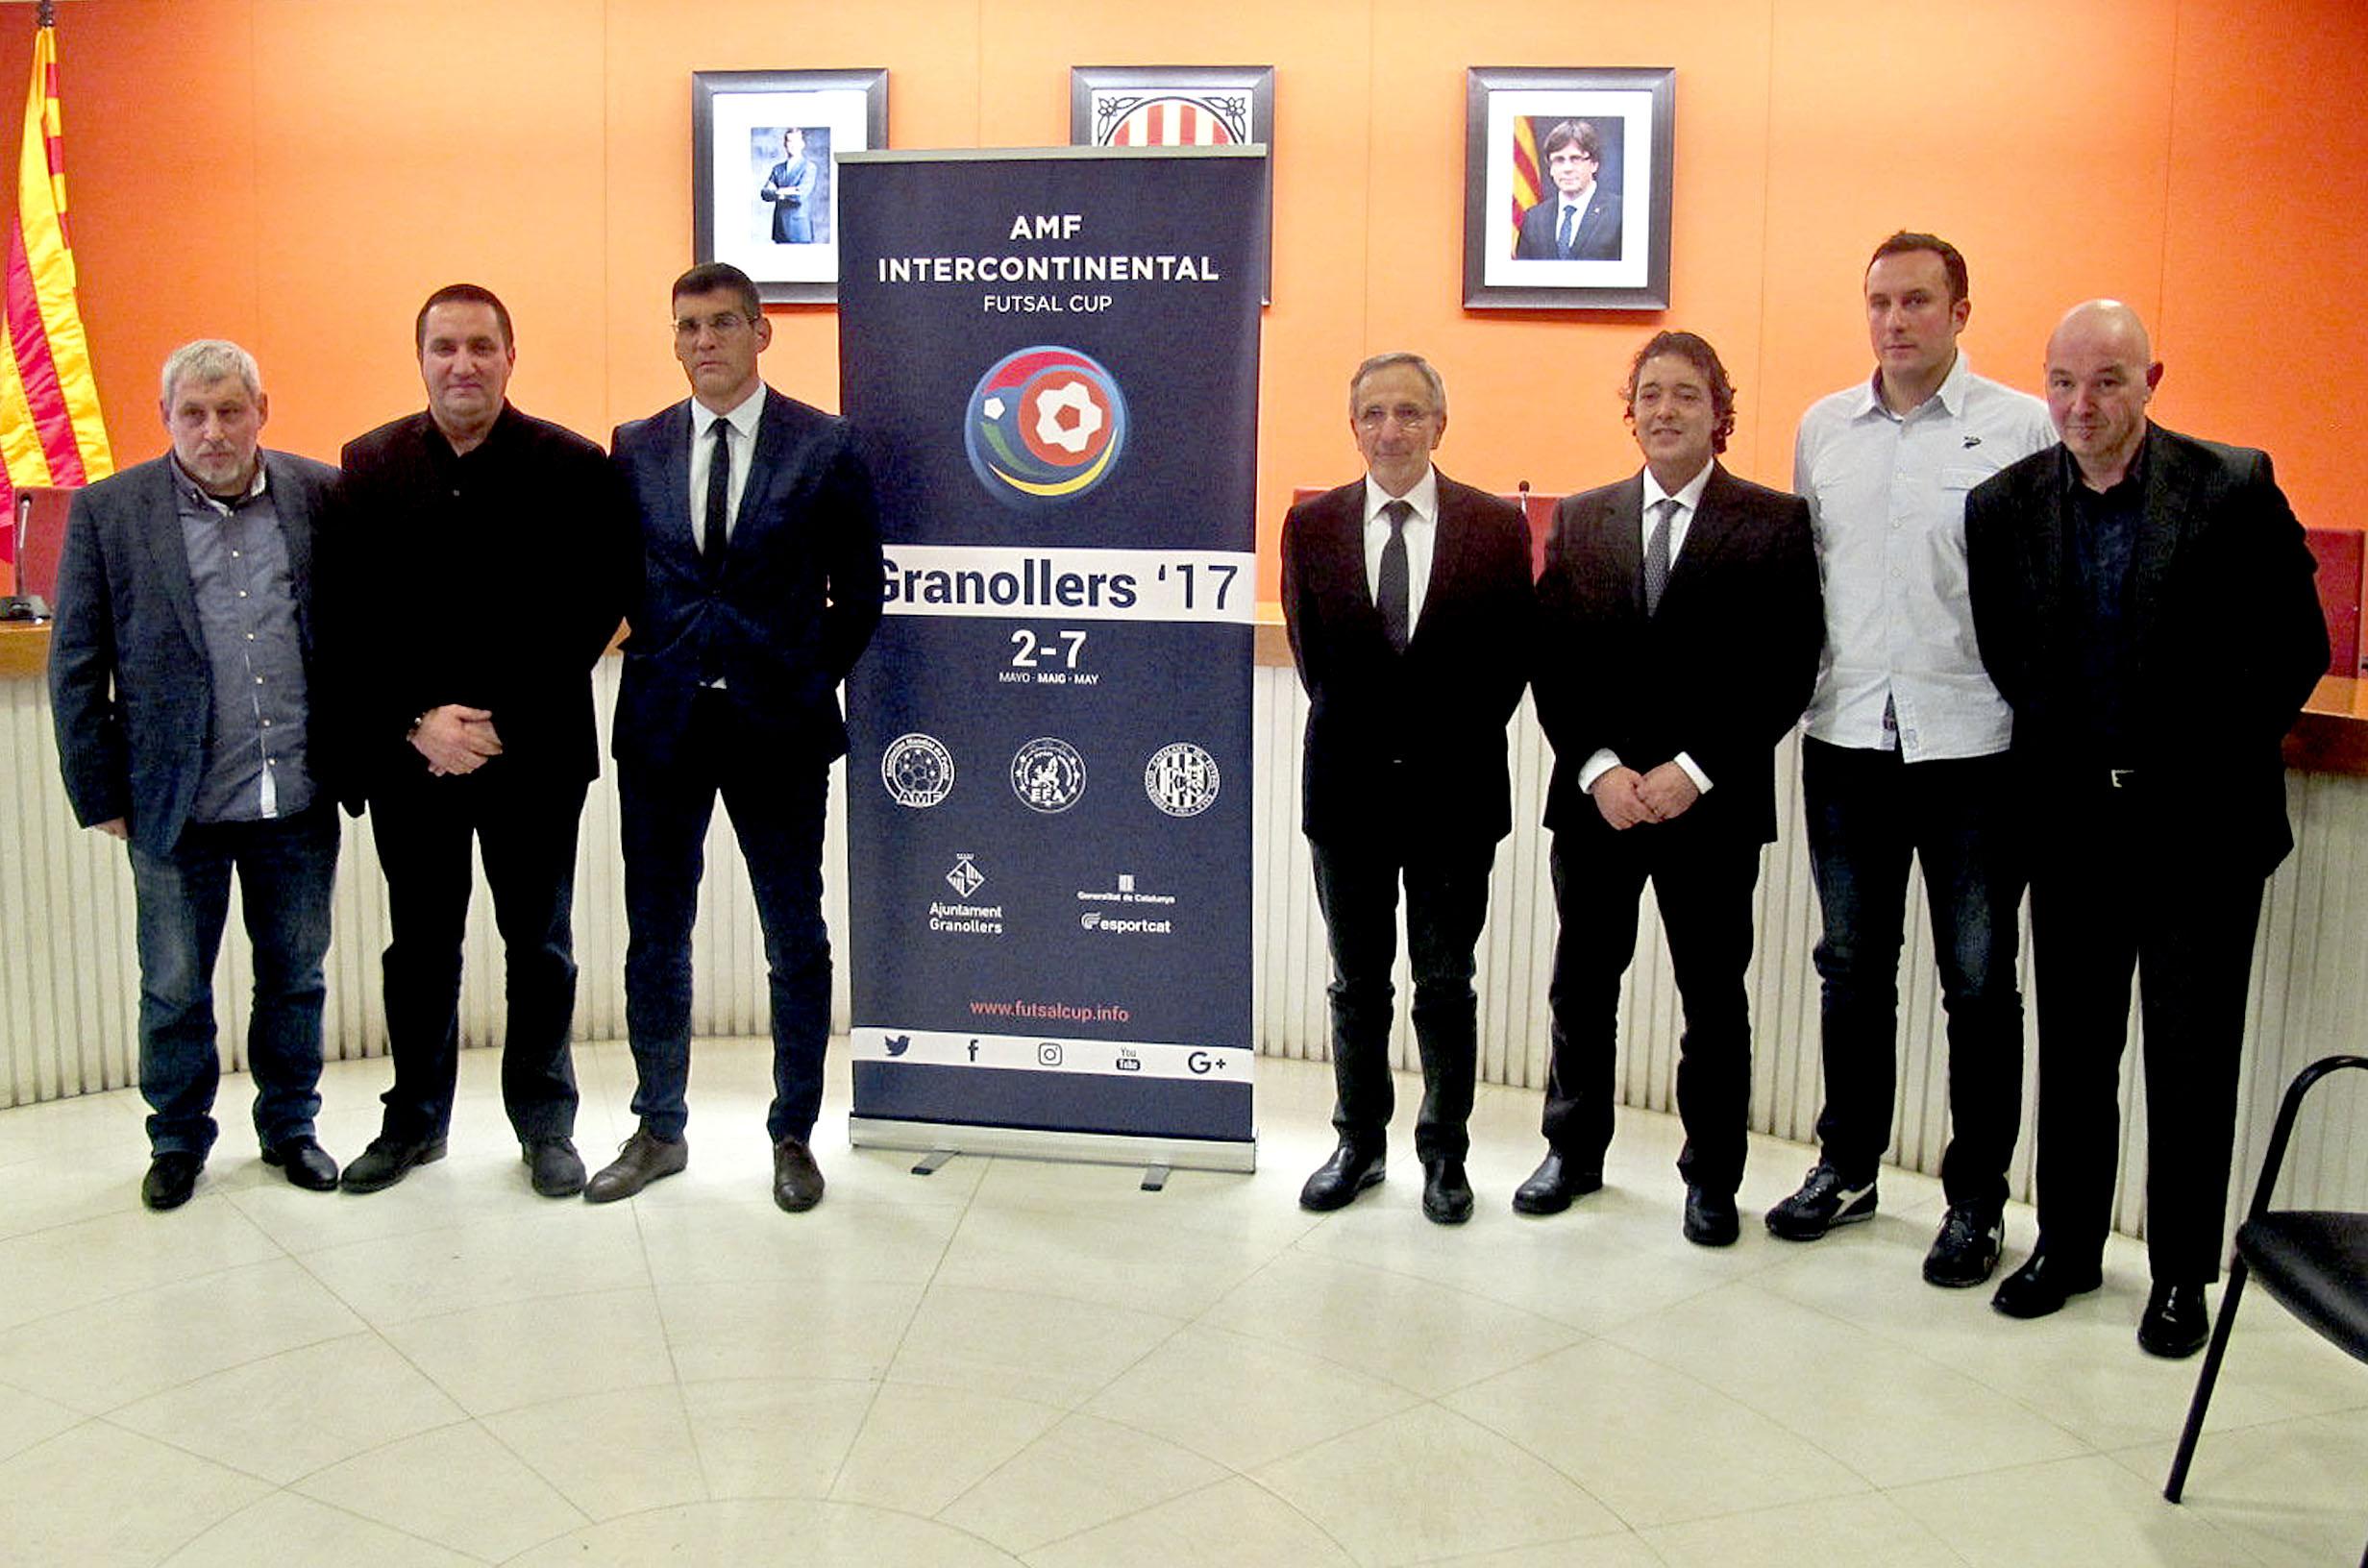 El torneig es va presentar l'1 de febrer a l'Ajuntament, on també es va signar el conveni d'organització